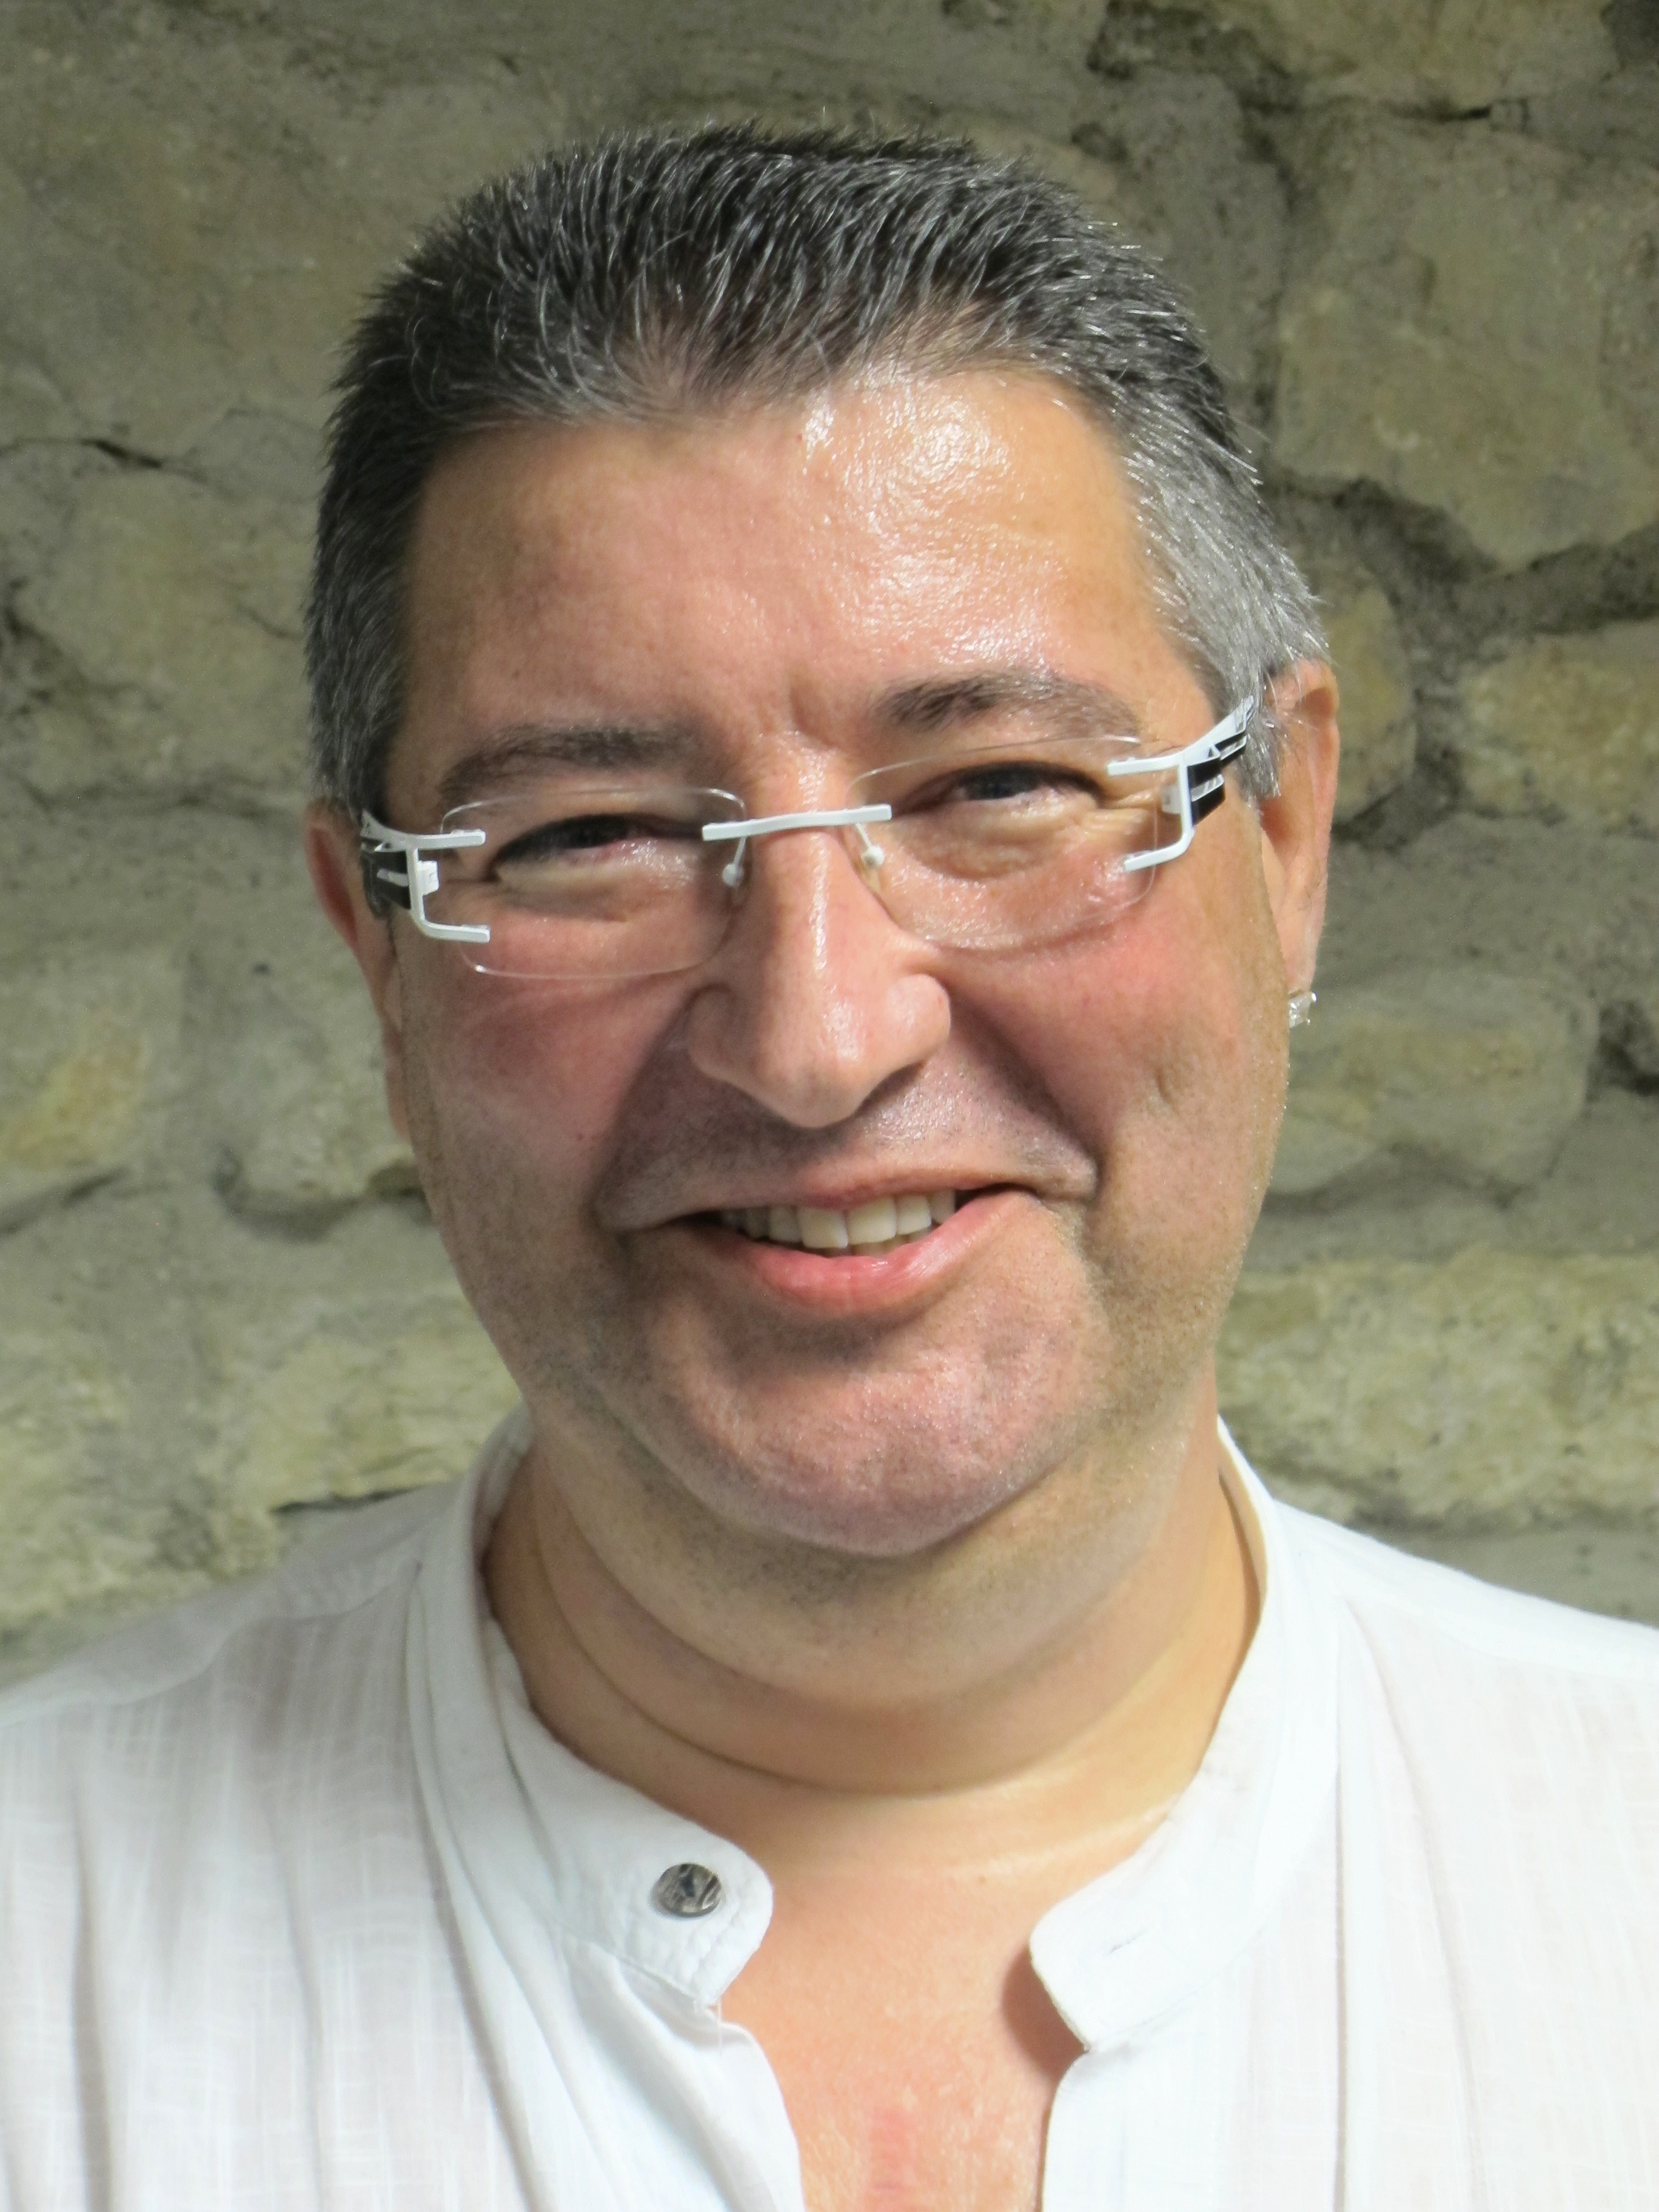 Pascal Carpentier